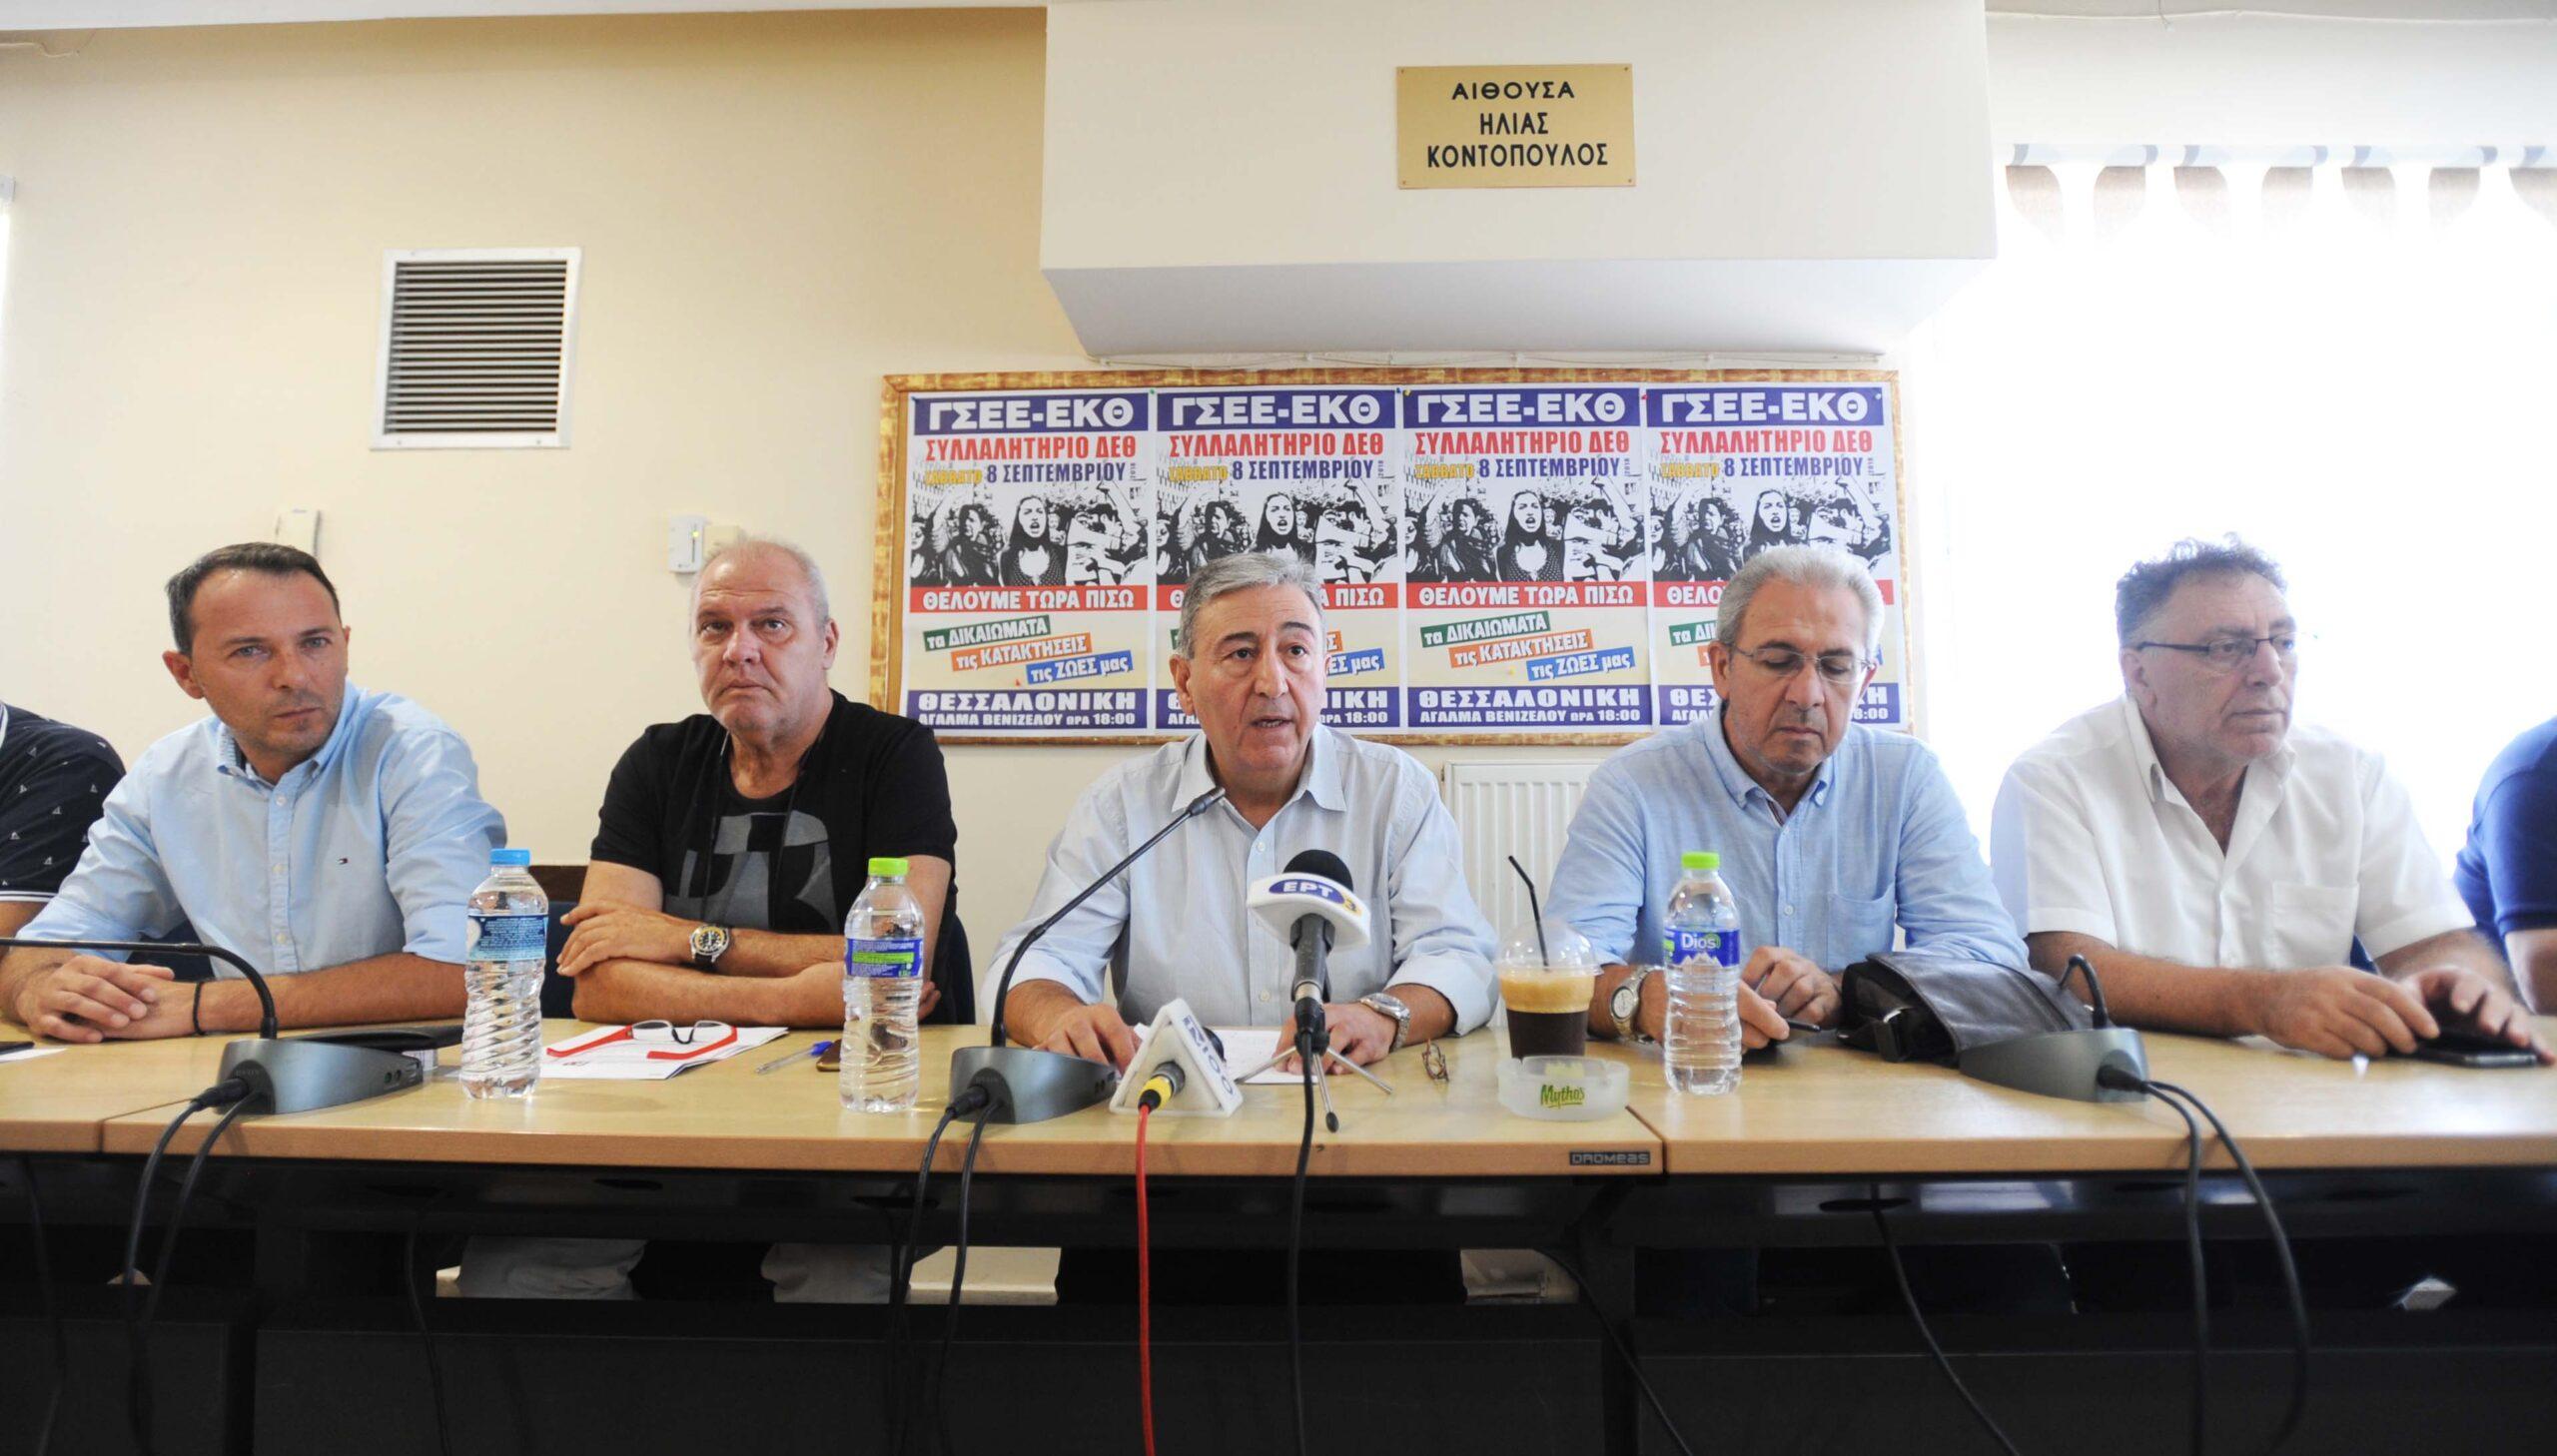 Σύσκεψη Προέδρων Εργατικών Κέντρων Β. Ελλάδας